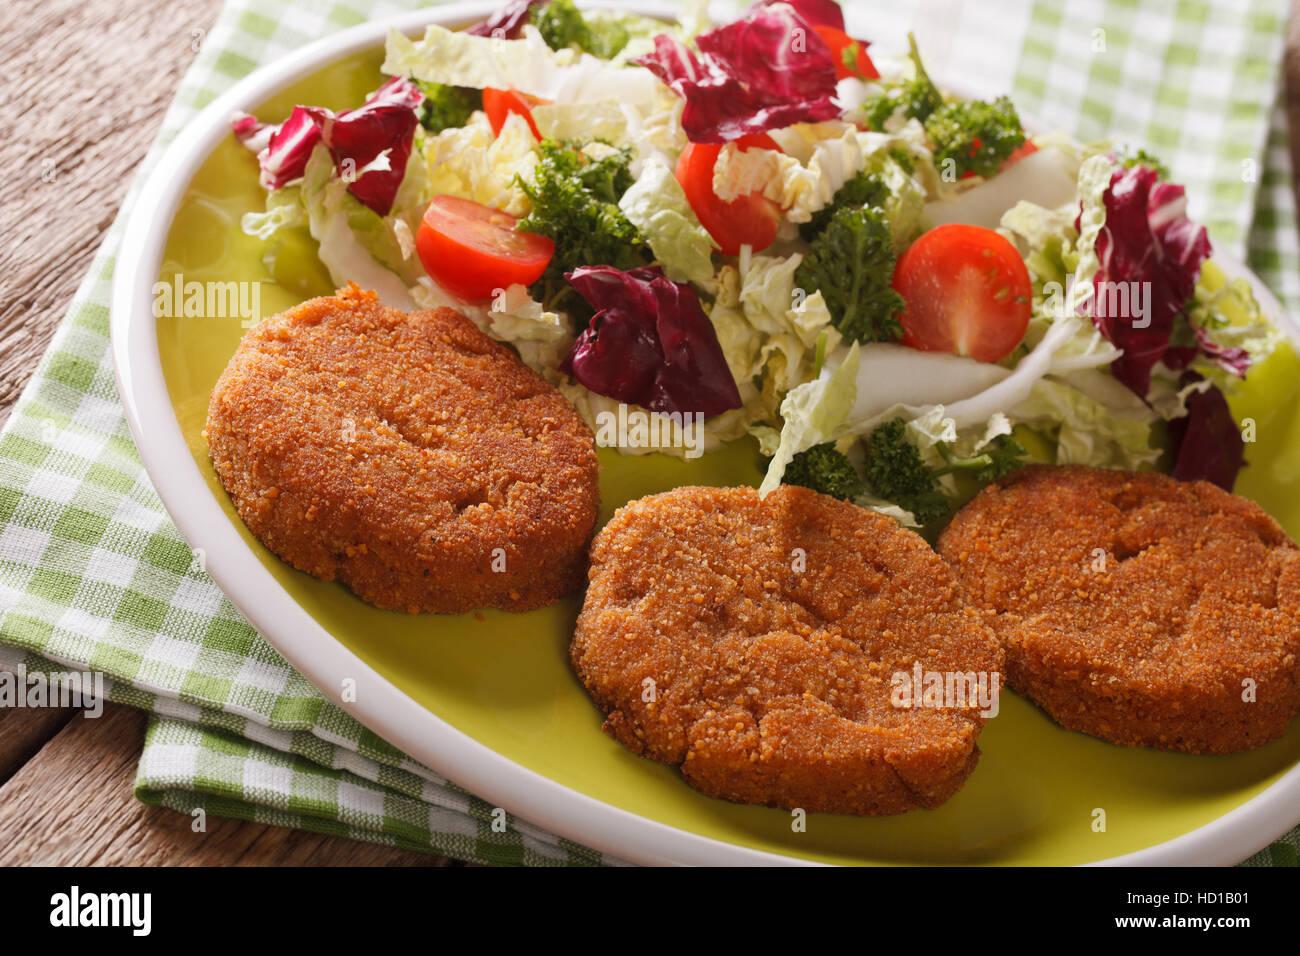 Les burgers de carottes et de salade fraîche mélanger sur une plaque horizontale. Banque D'Images